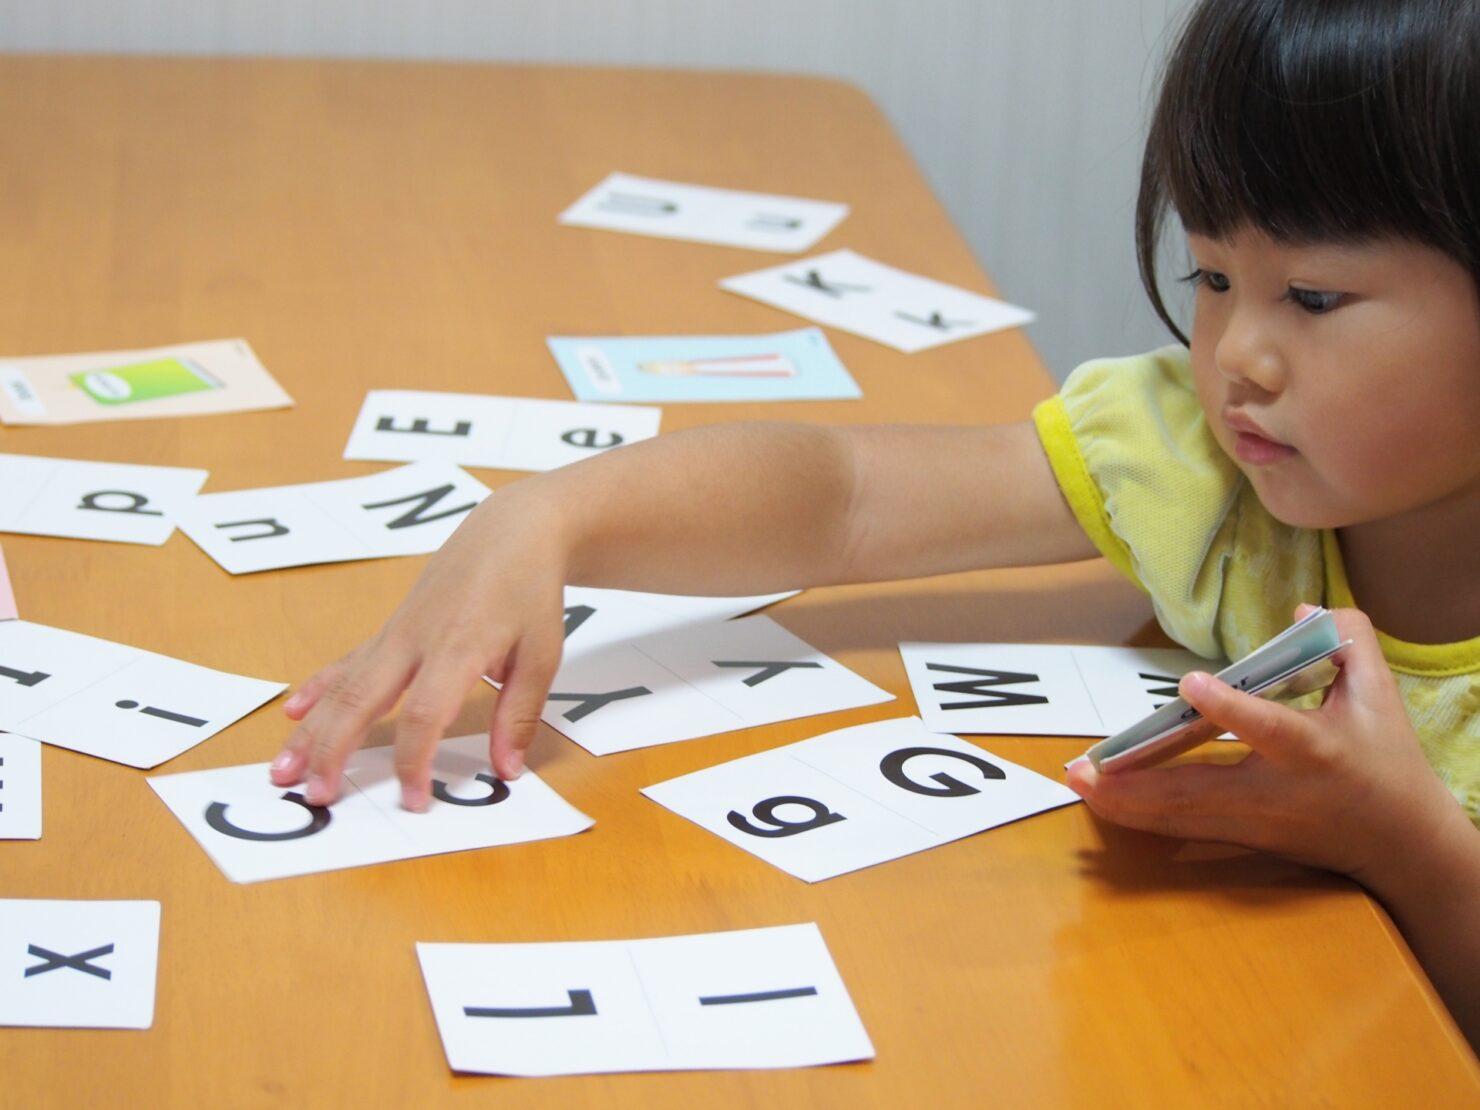 幼児教育は英語もやるべき?